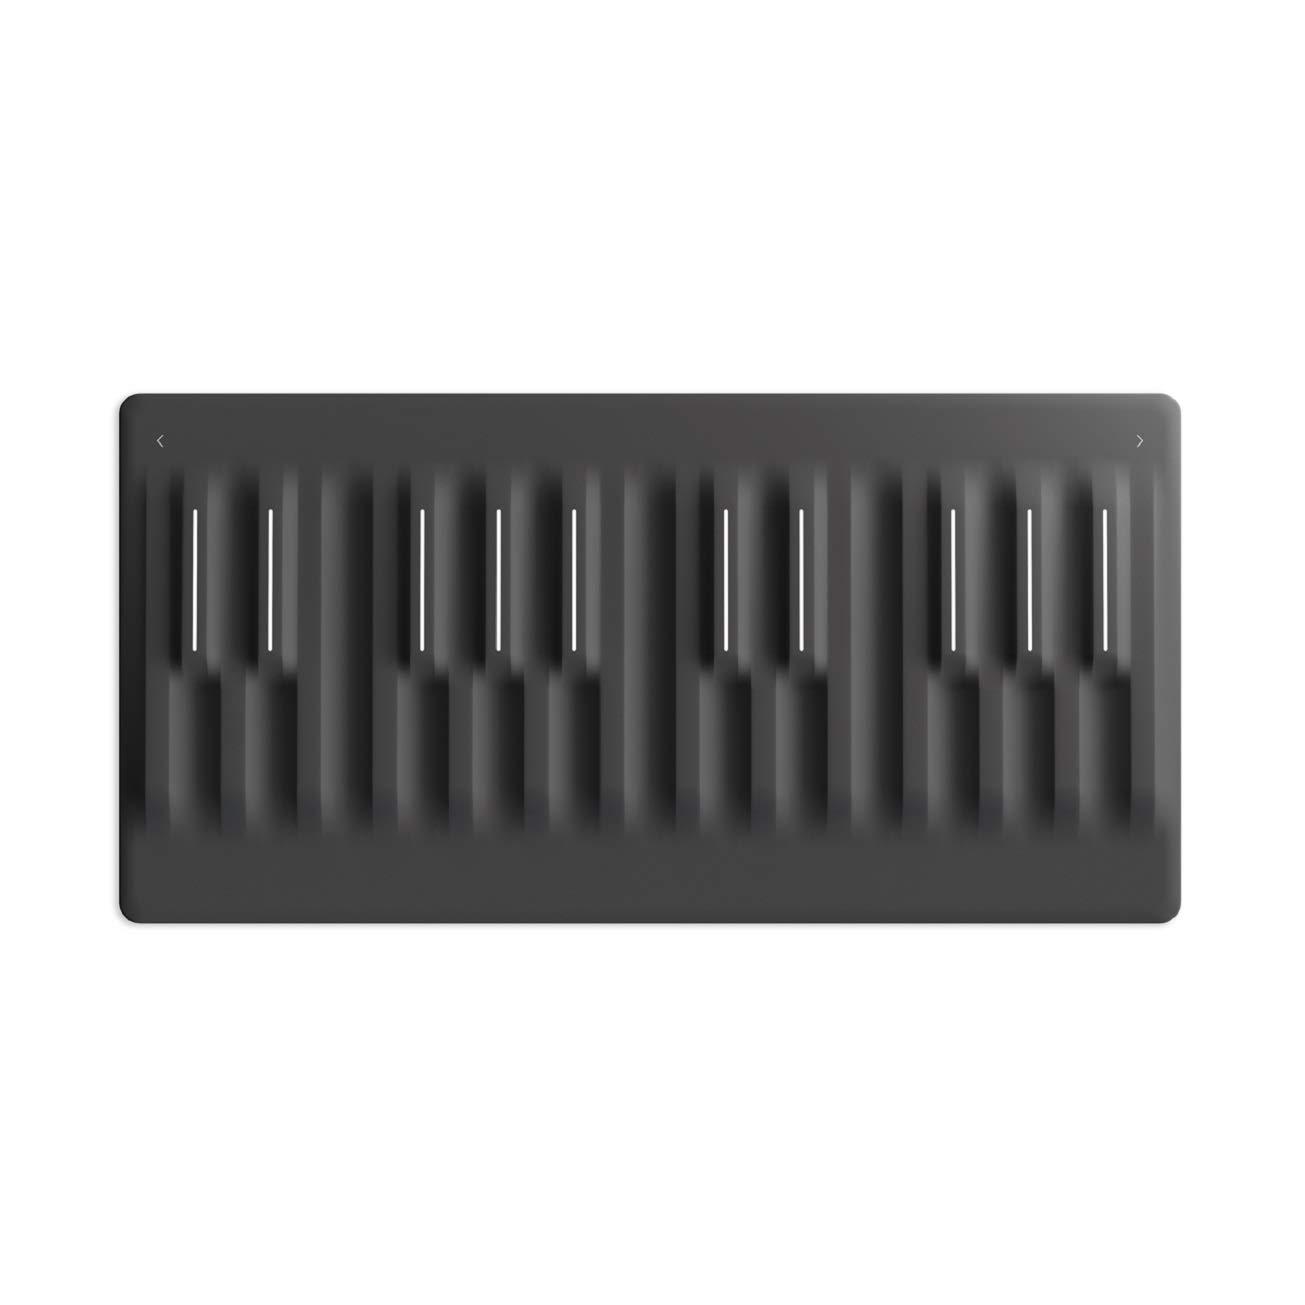 ROLI Seaboard Block Wireless Keyboard Controller by ROLI